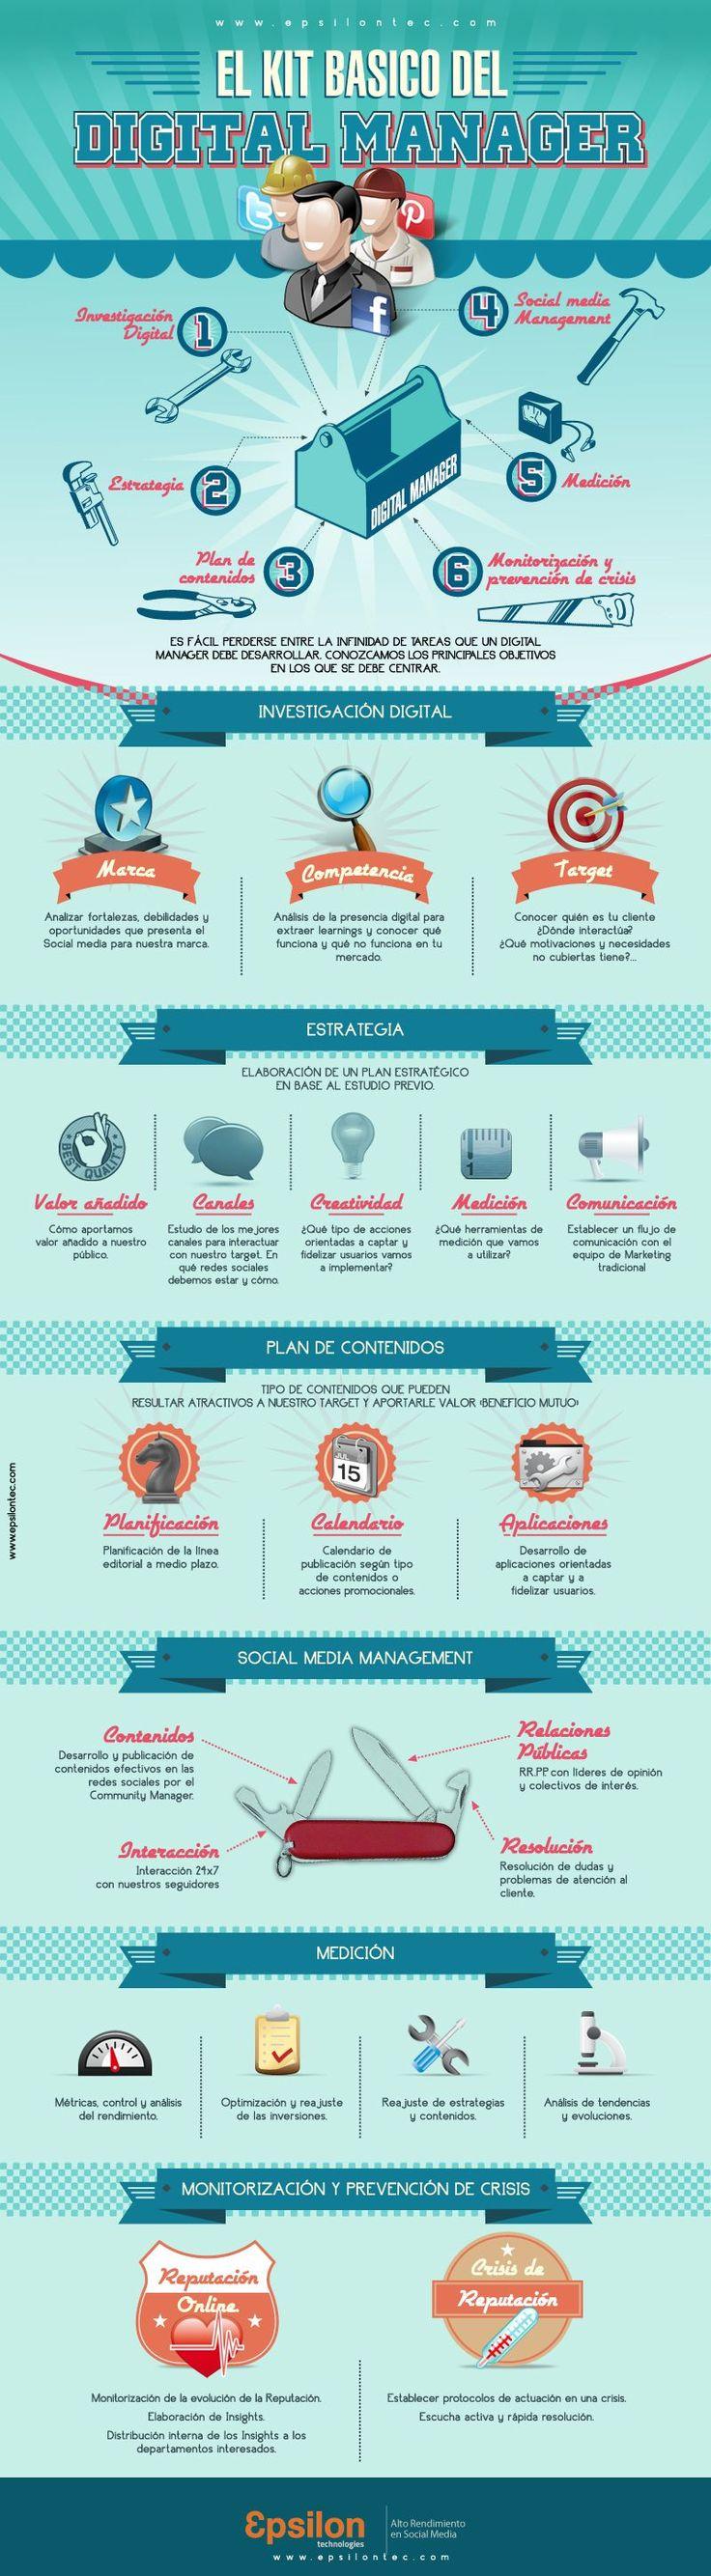 el Digital Marketing Manager ha emergido con fuerza tras la consolidaci�n de las estrategias digitales y la importancia del marketing online y los social media en las empresas.�    Su perfil es cada vez m�s demandado entre las grandes empresas, debido a l